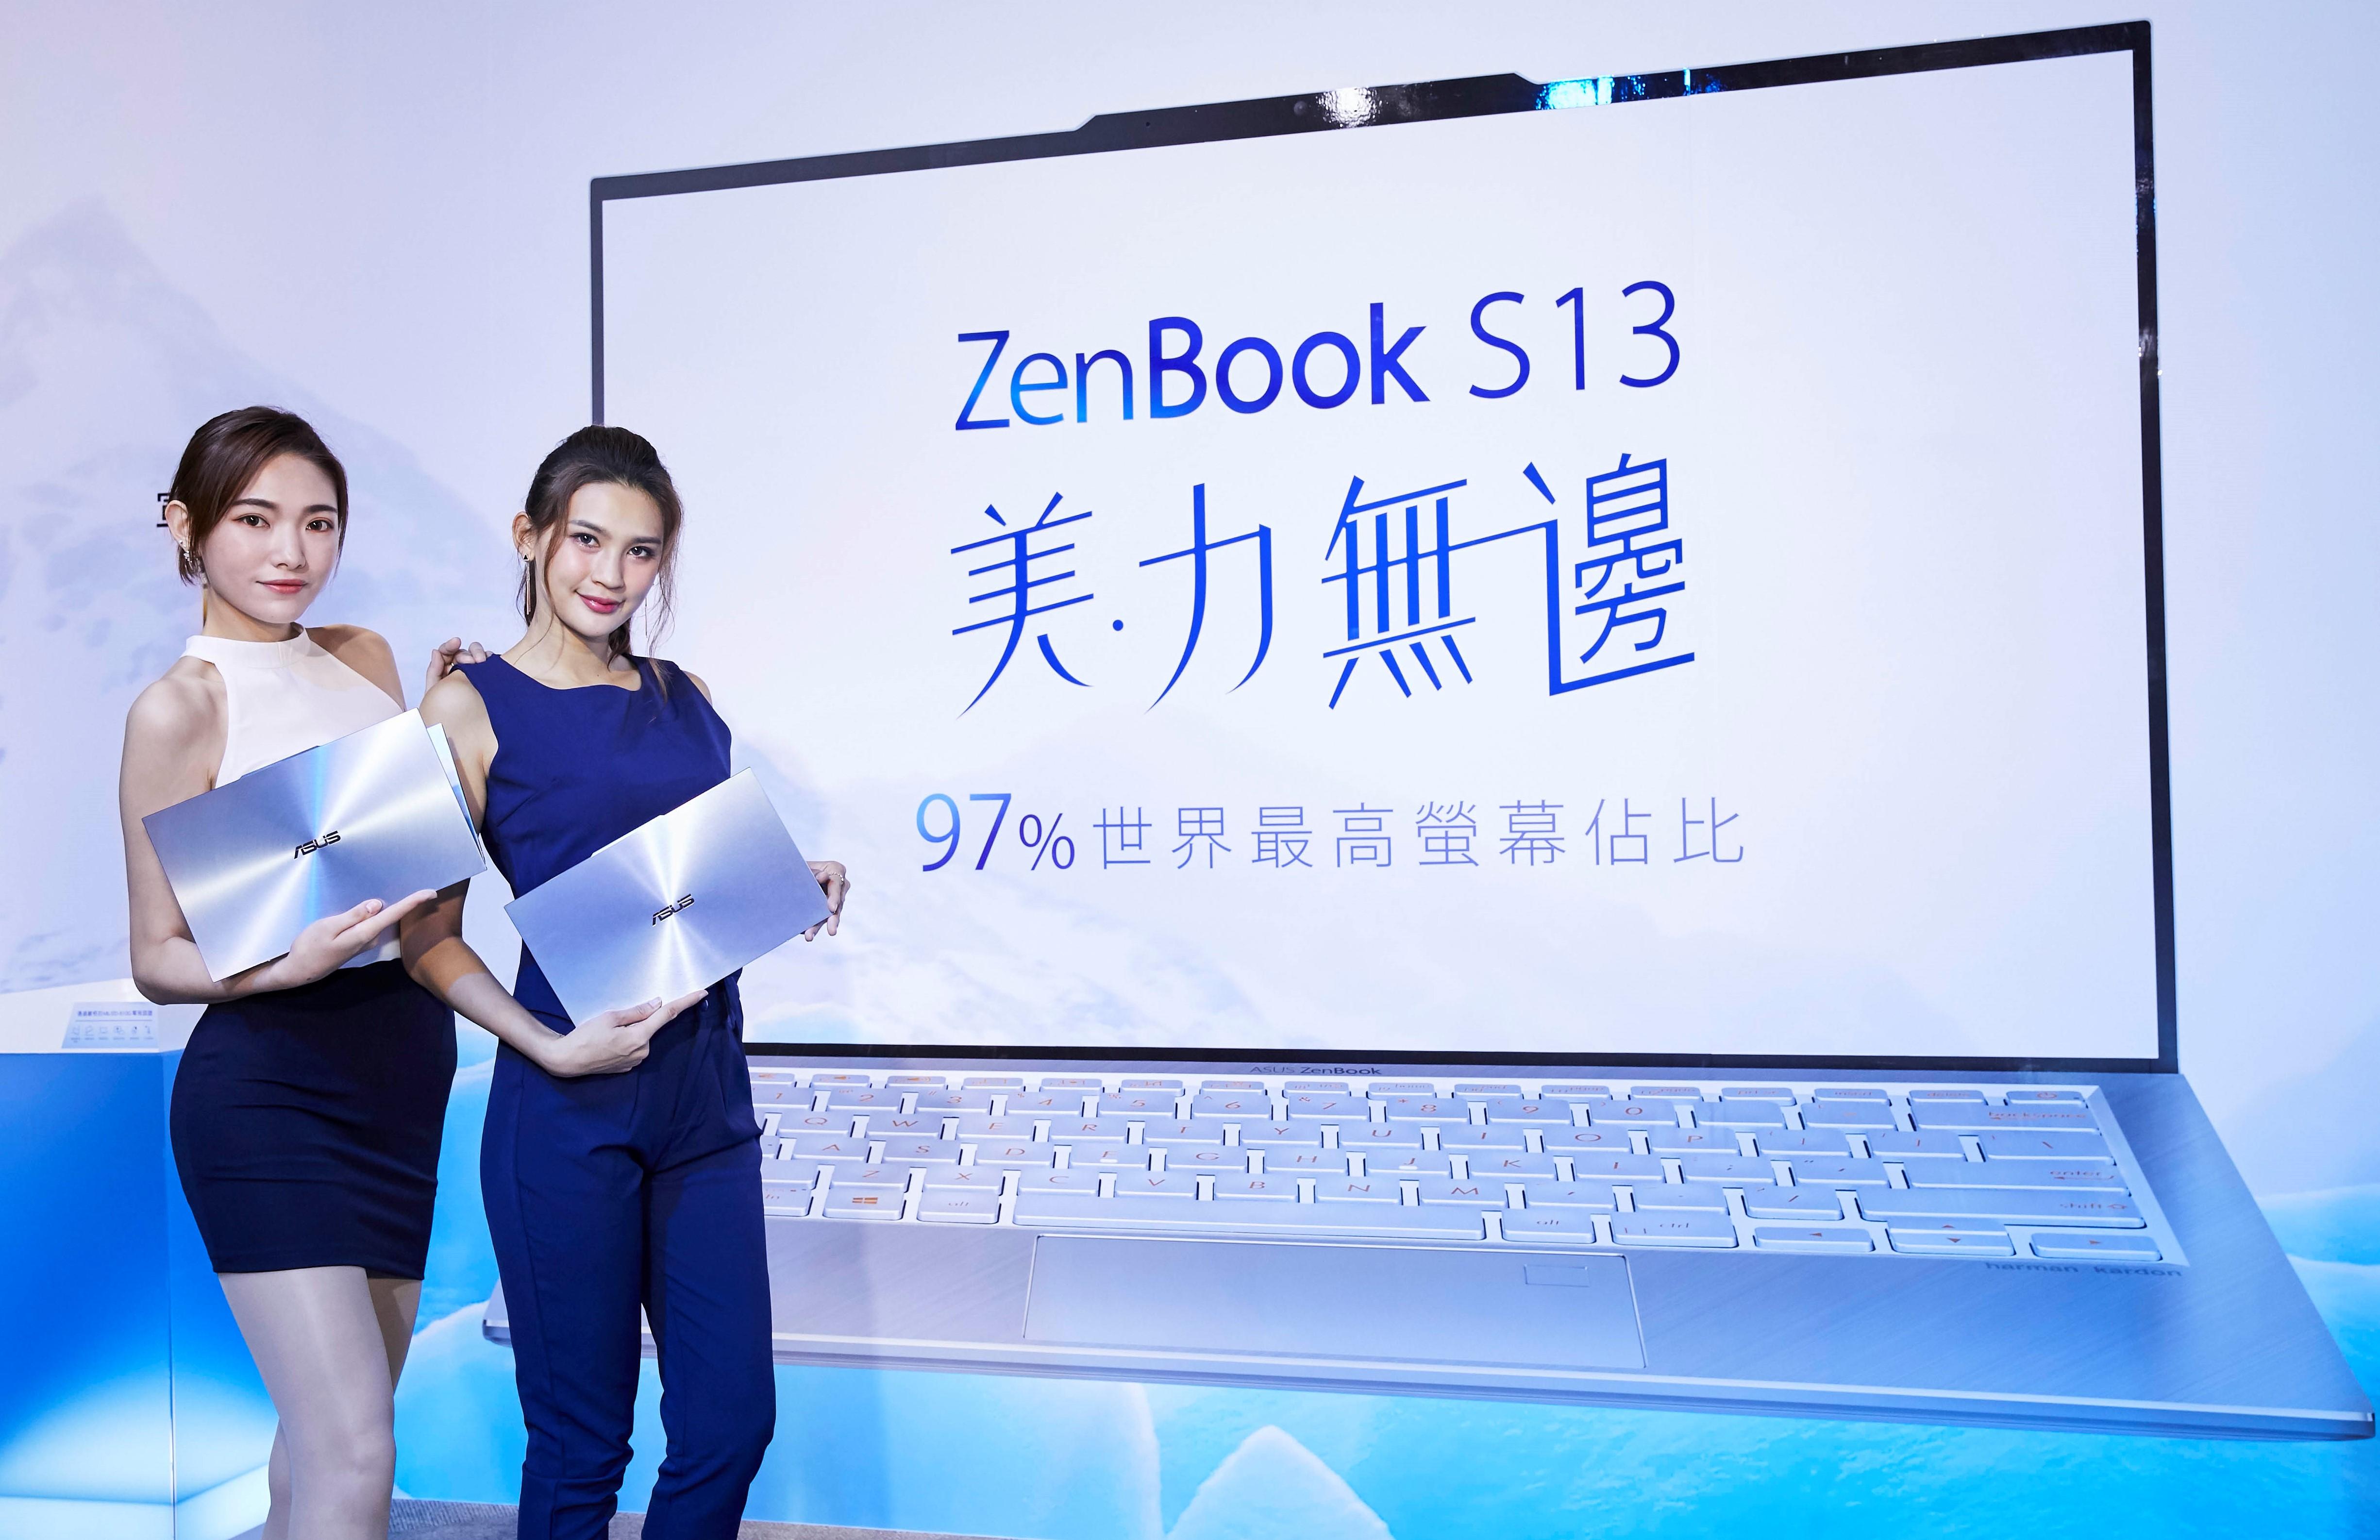 97%世界最高螢幕佔比ASUS ZenBook S13(UX392),提供令人身歷其境的全螢幕視覺饗宴。